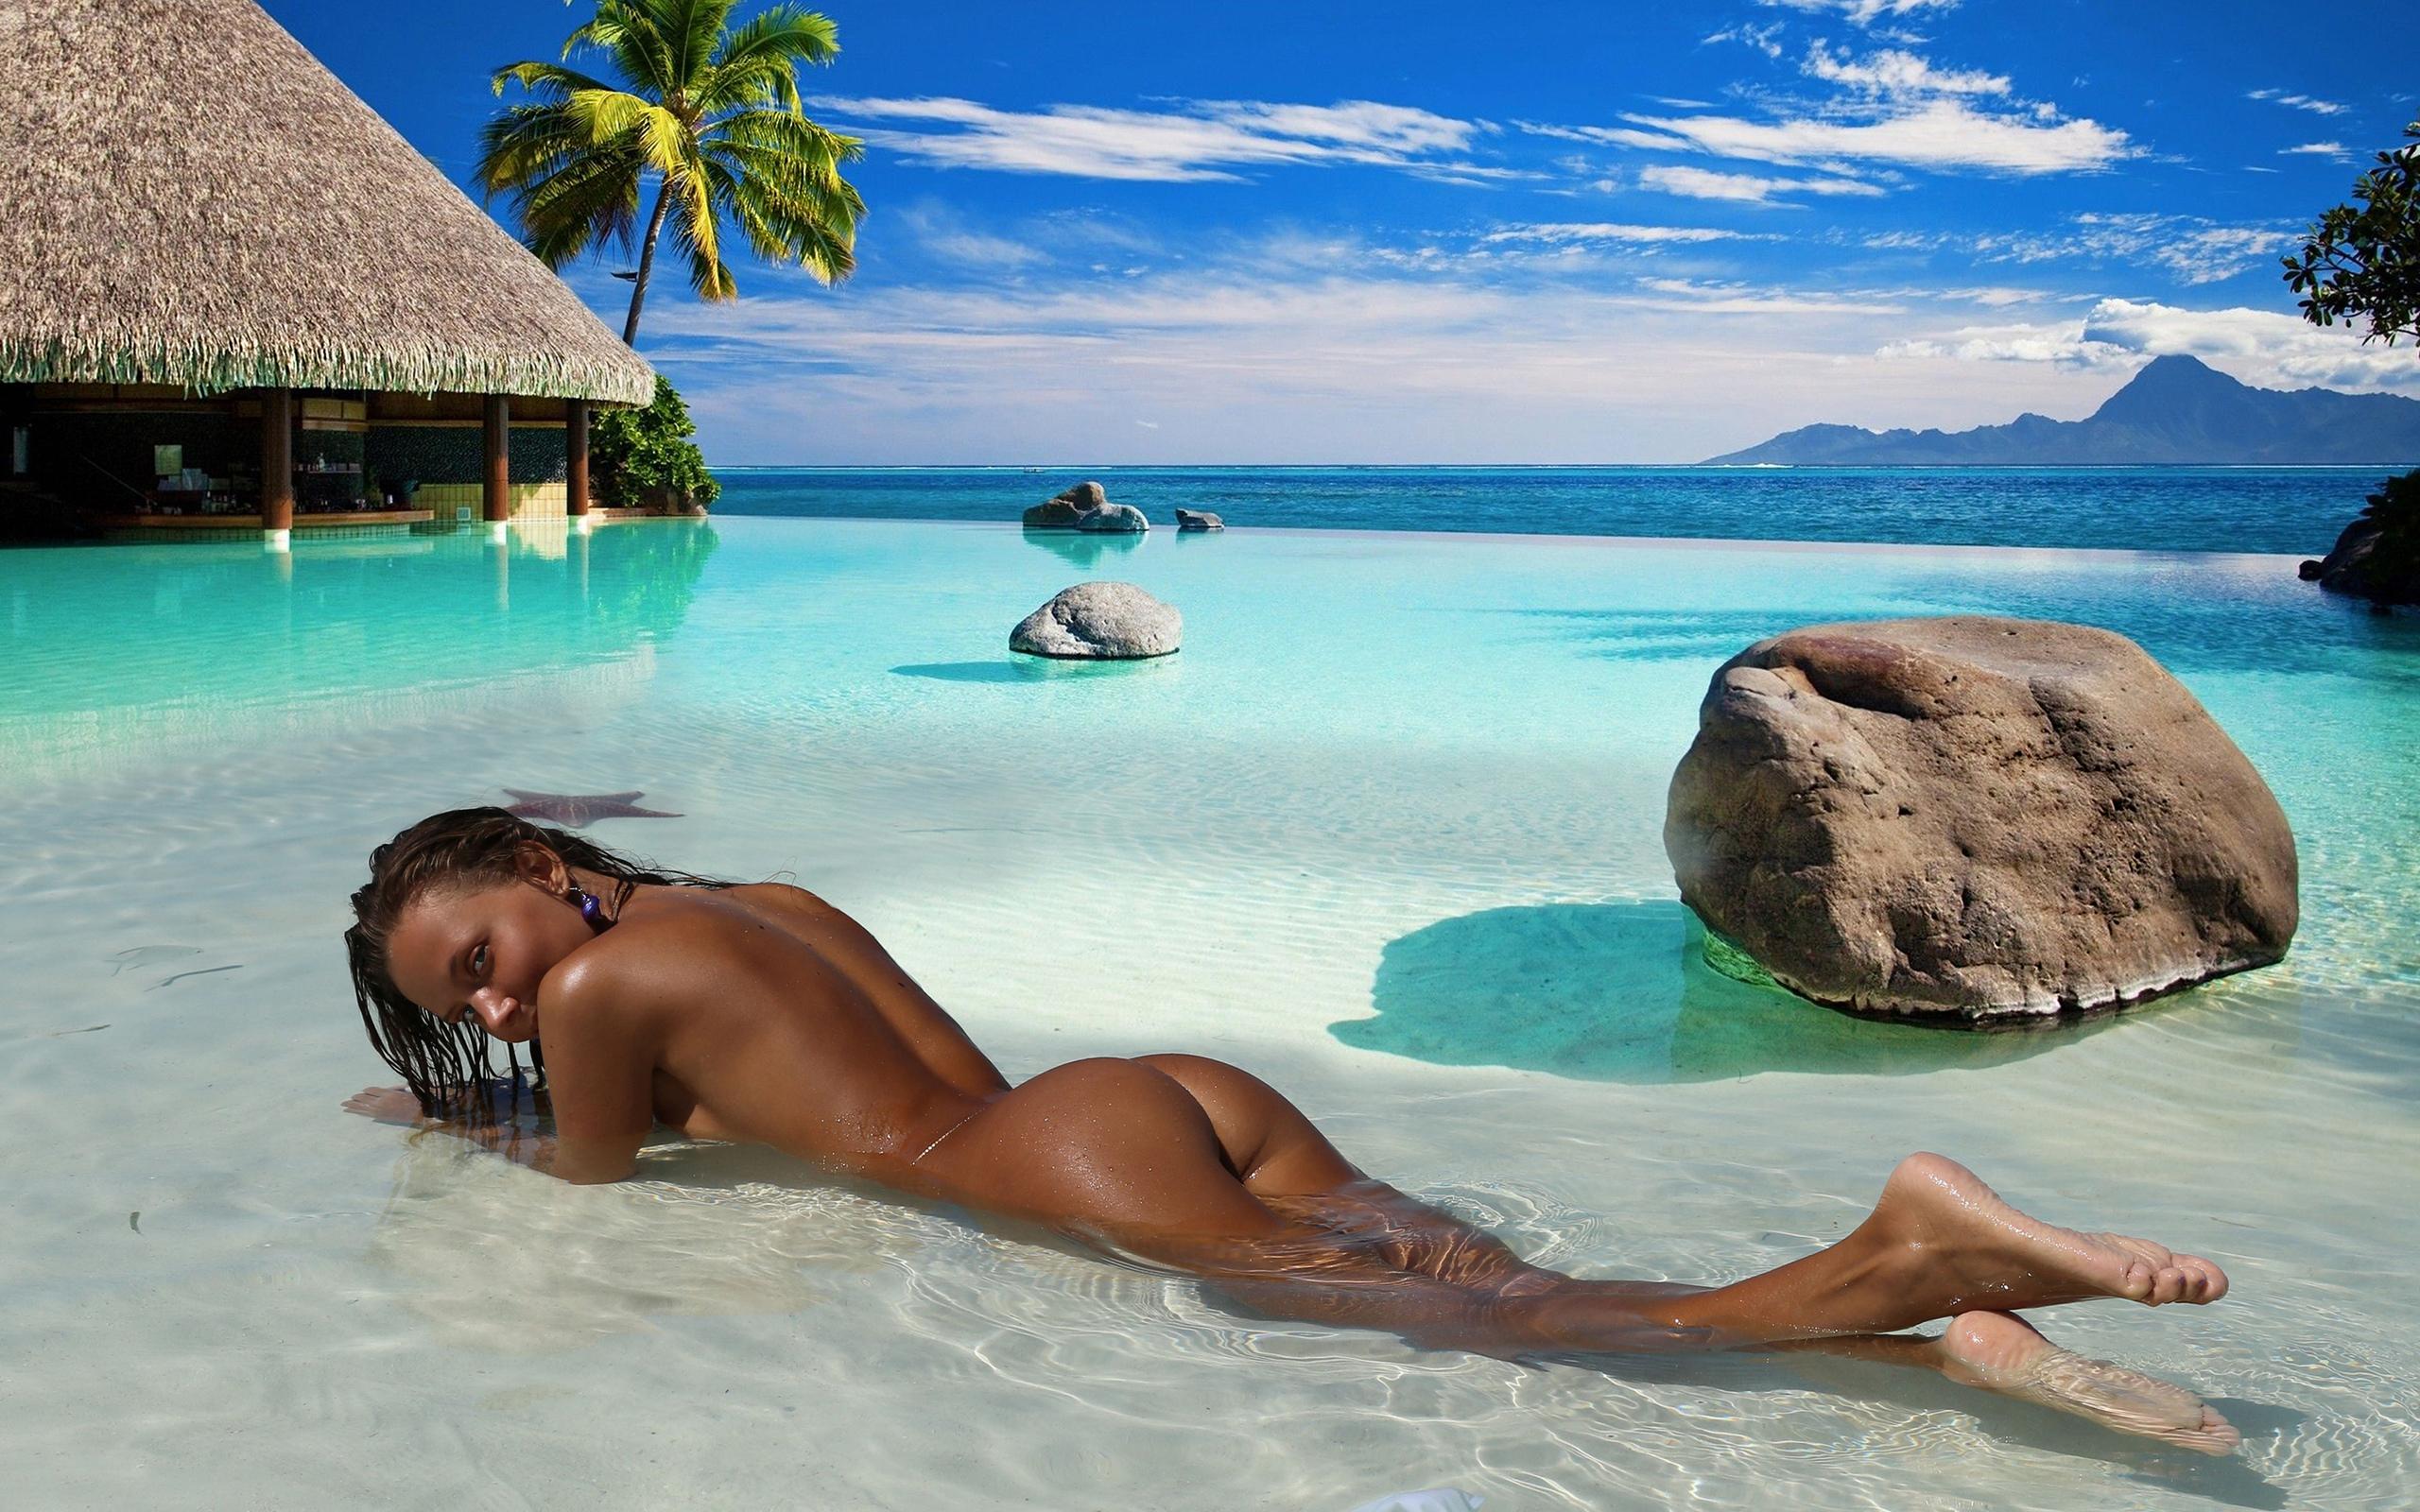 Sex on a bahamian beach